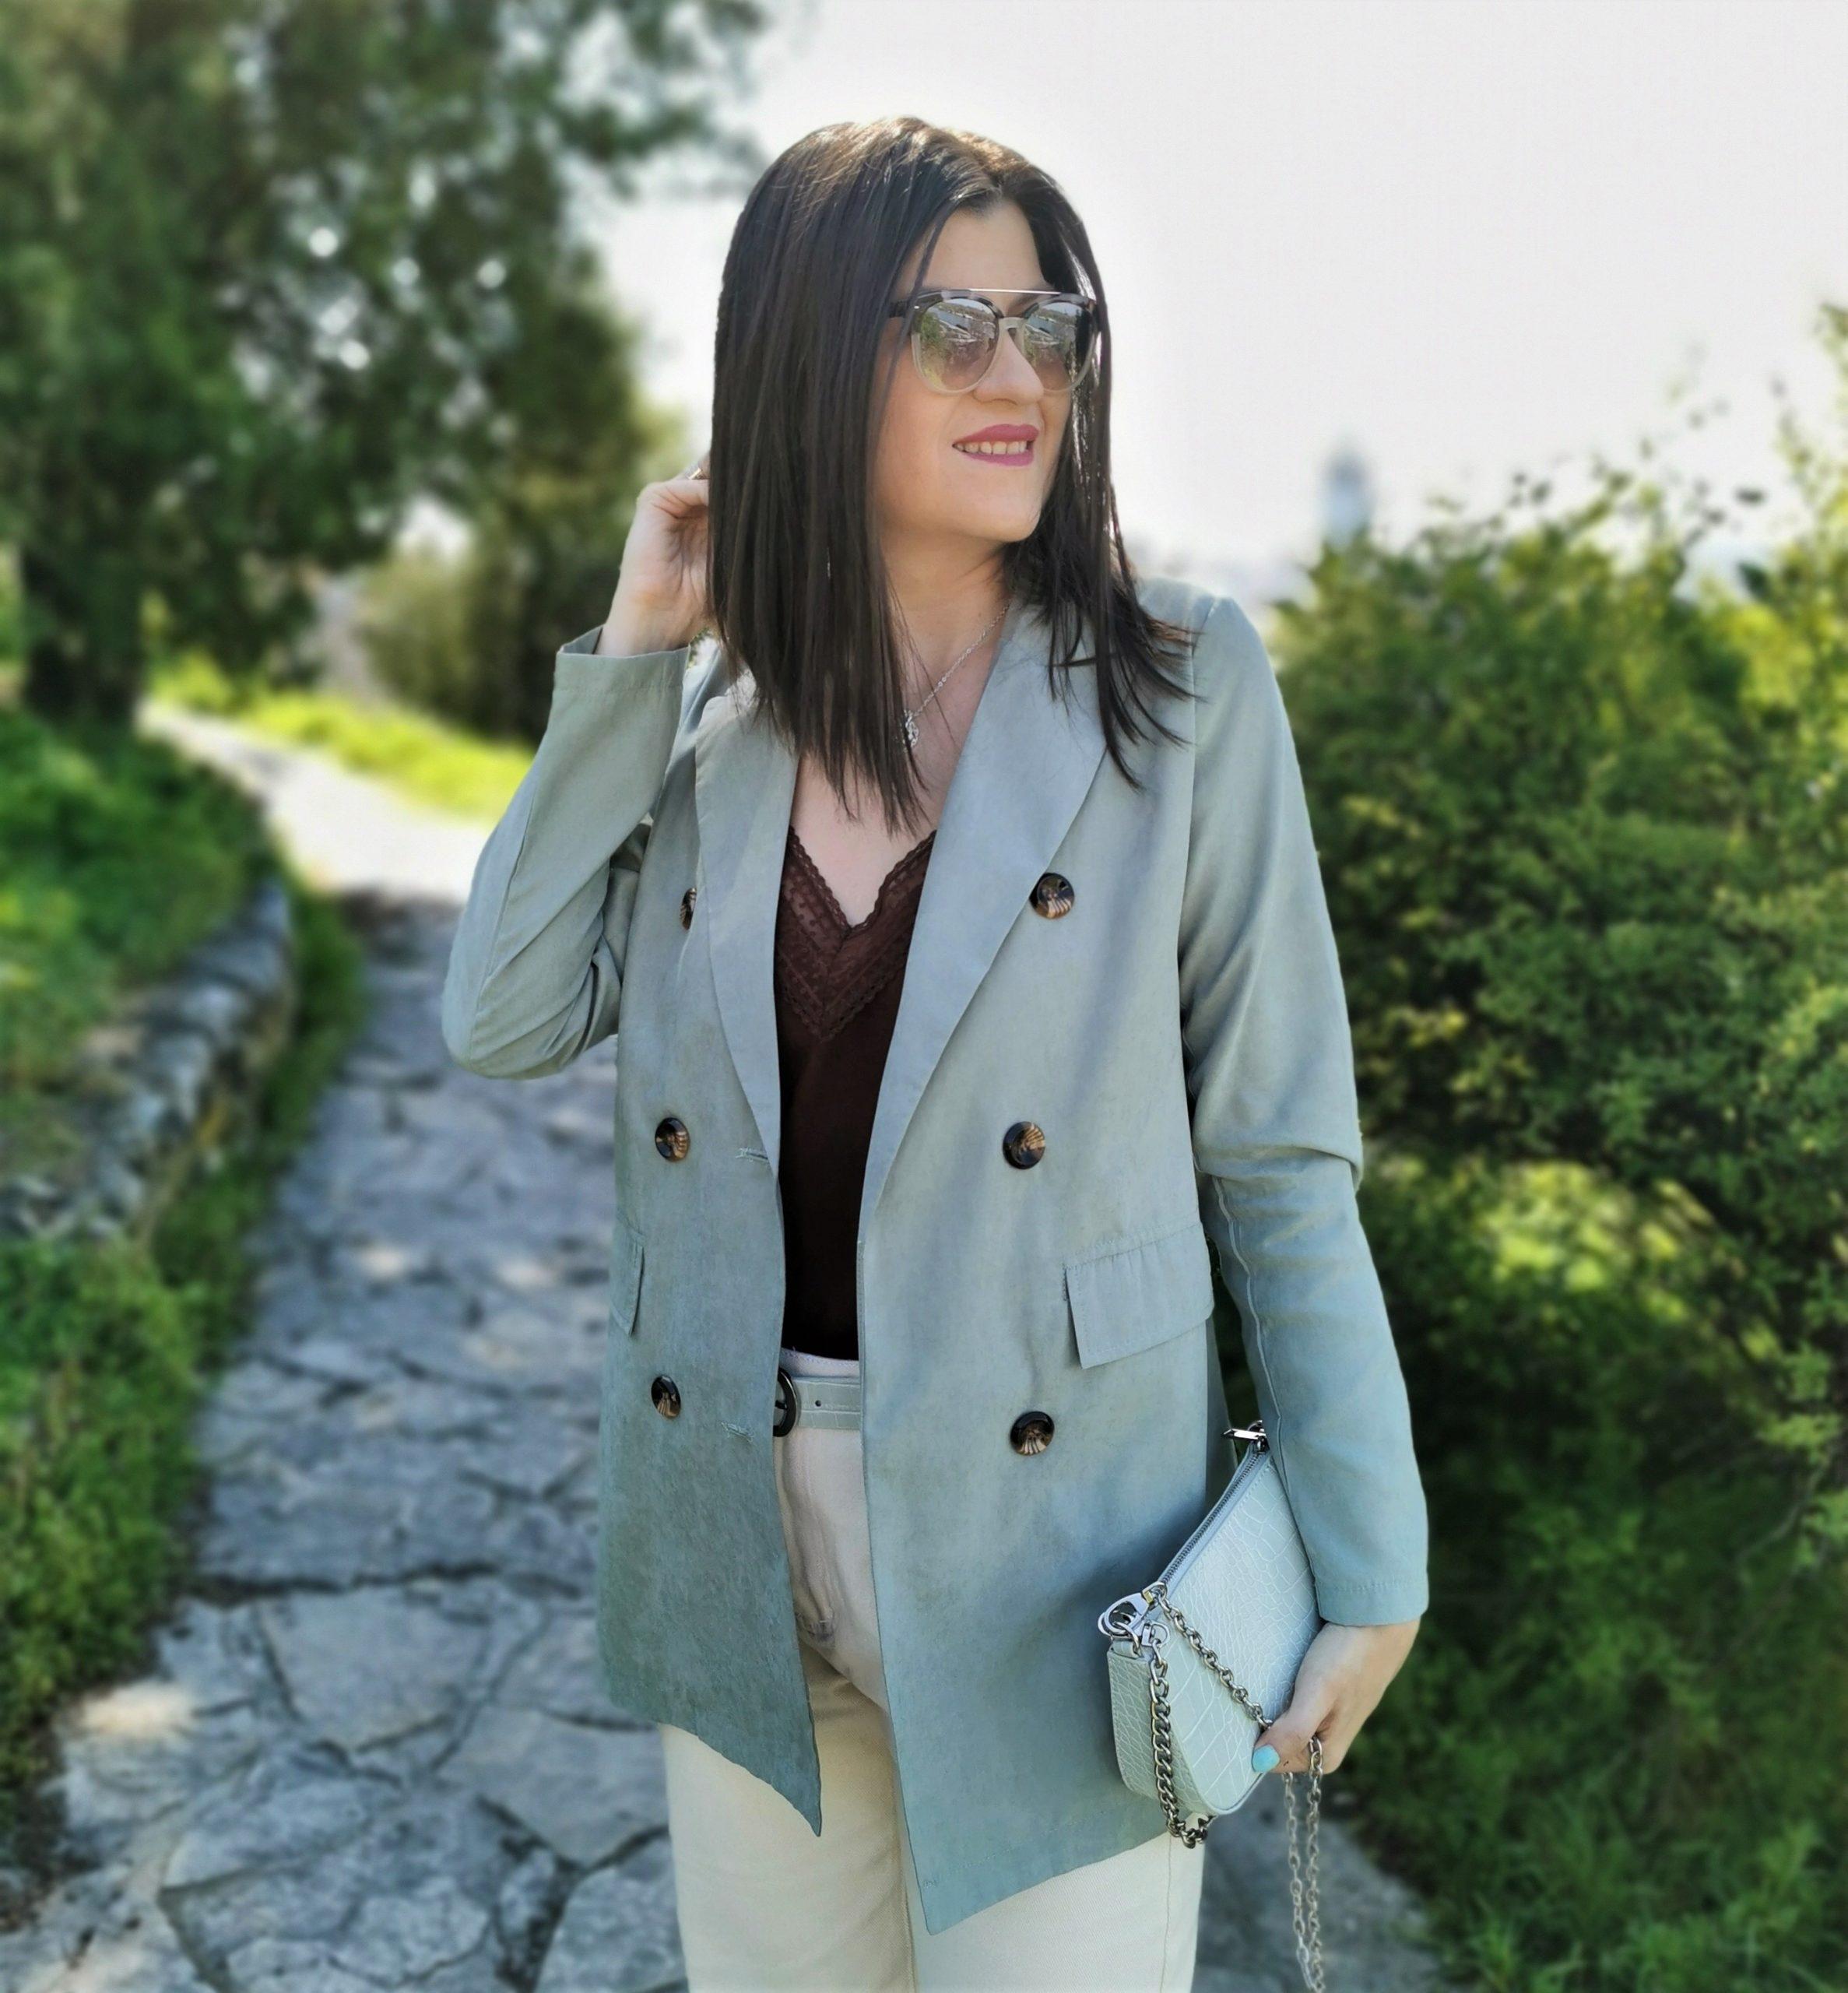 Sage green blazer